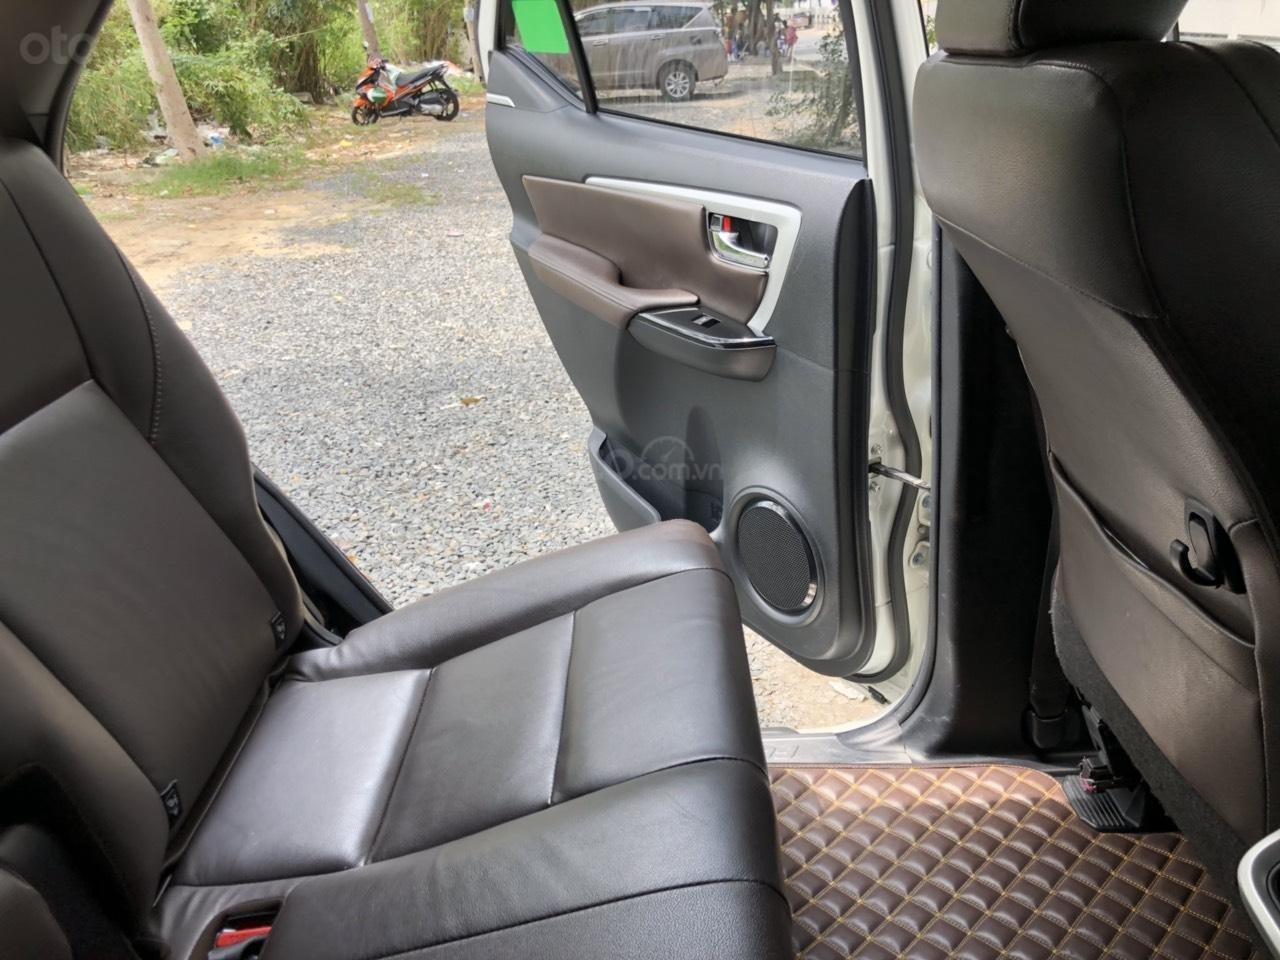 City Ford Used Car bán Toyota Fortuner 2.7V (4x2) năm 2017 nhập khẩu trả góp, xe còn bảo hành hãng (5)